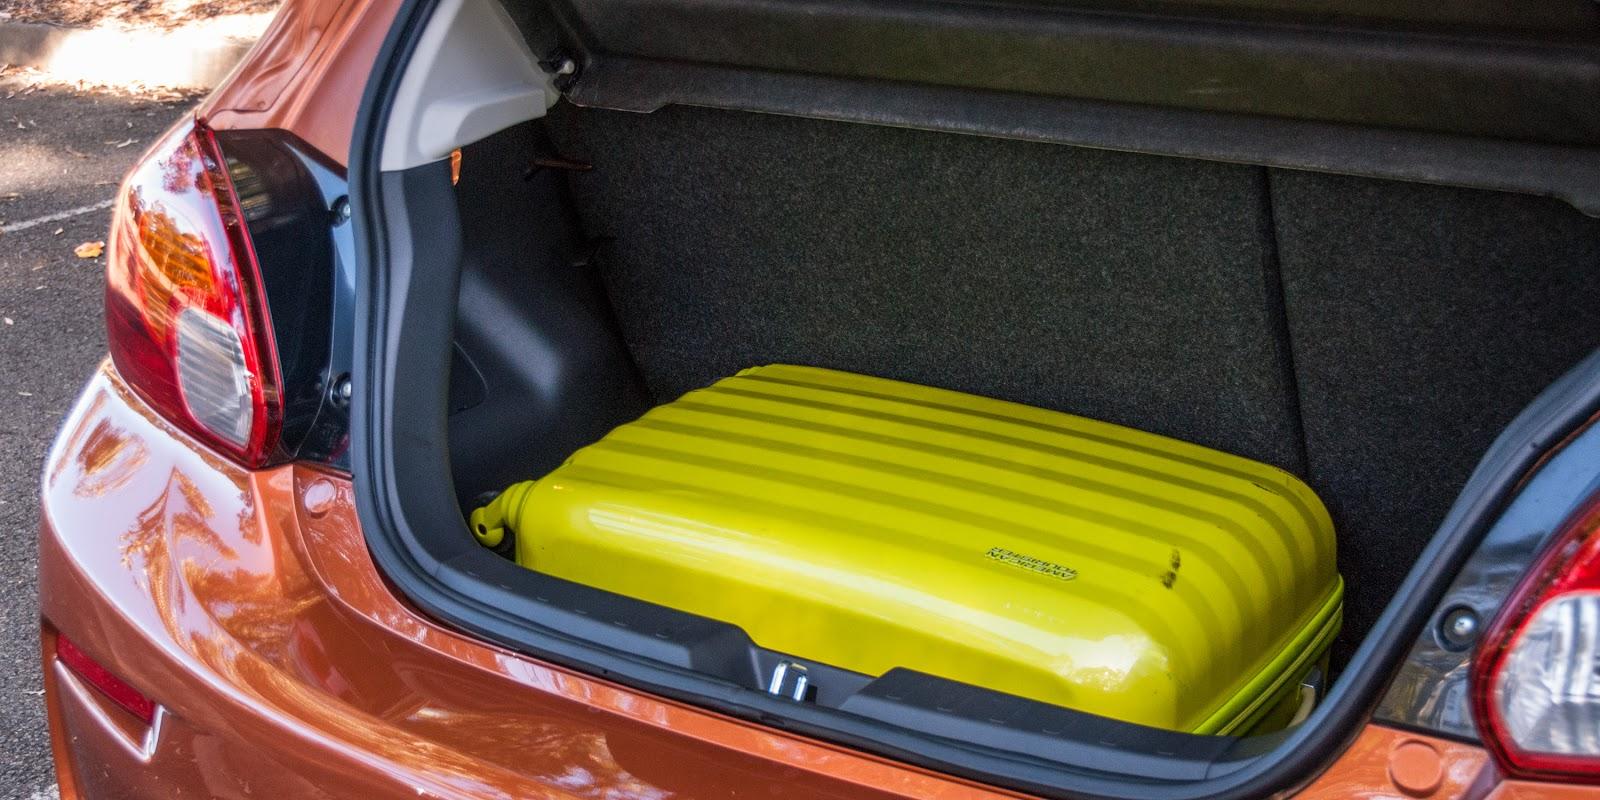 Khoang hành lý đủ rộng, có thể chở được nhiều đồ...